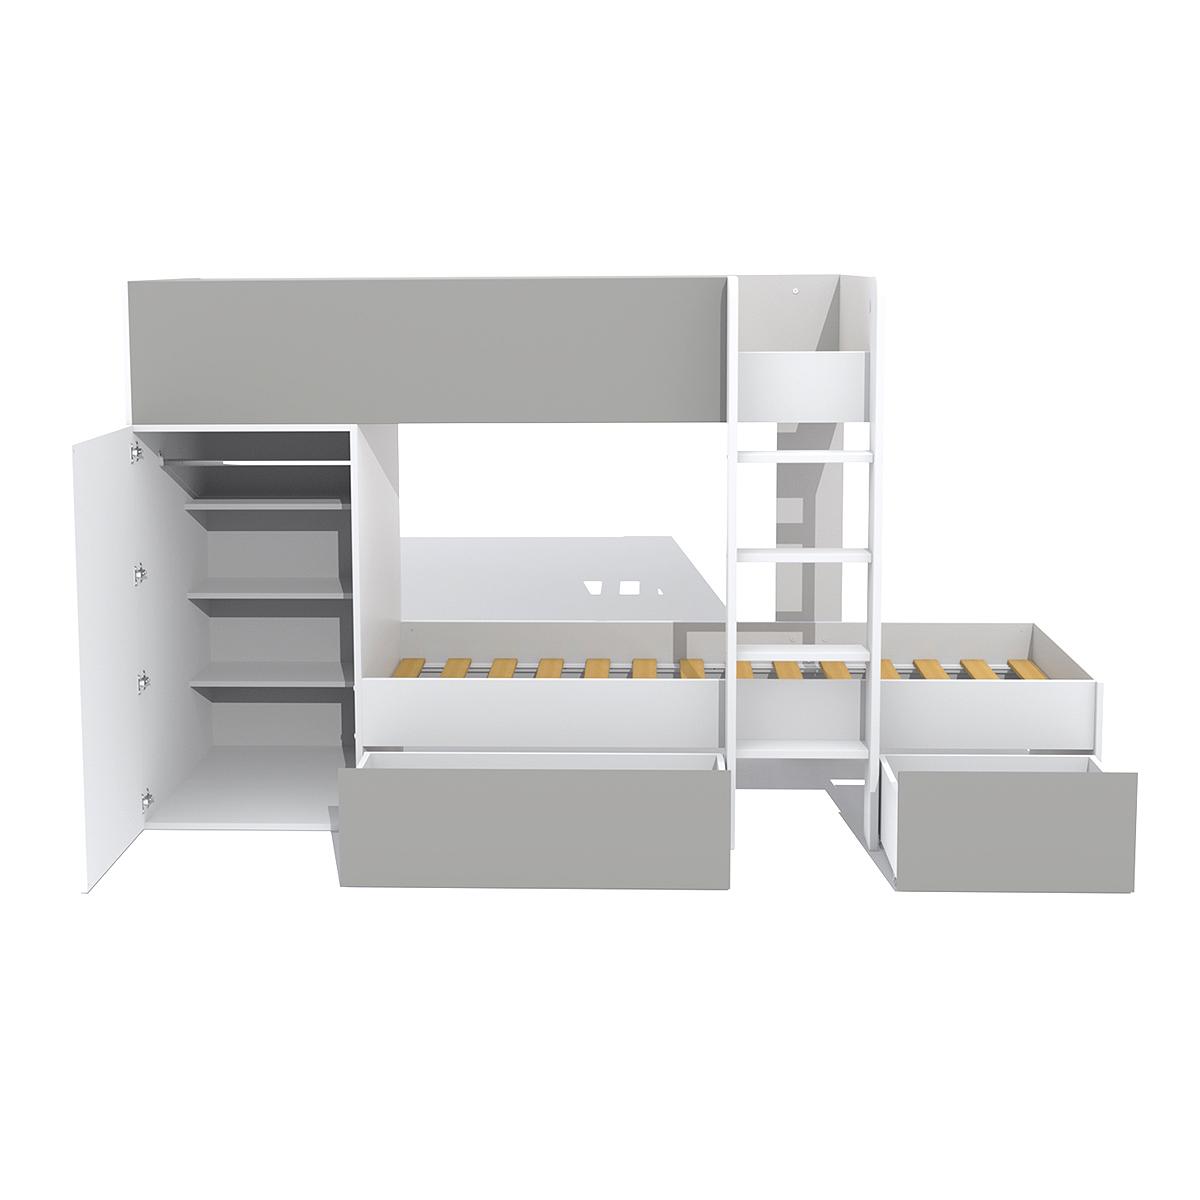 Lit superposé 90x190 - armoire - tiroirs - Weber Industries Twin - Blanc et gris